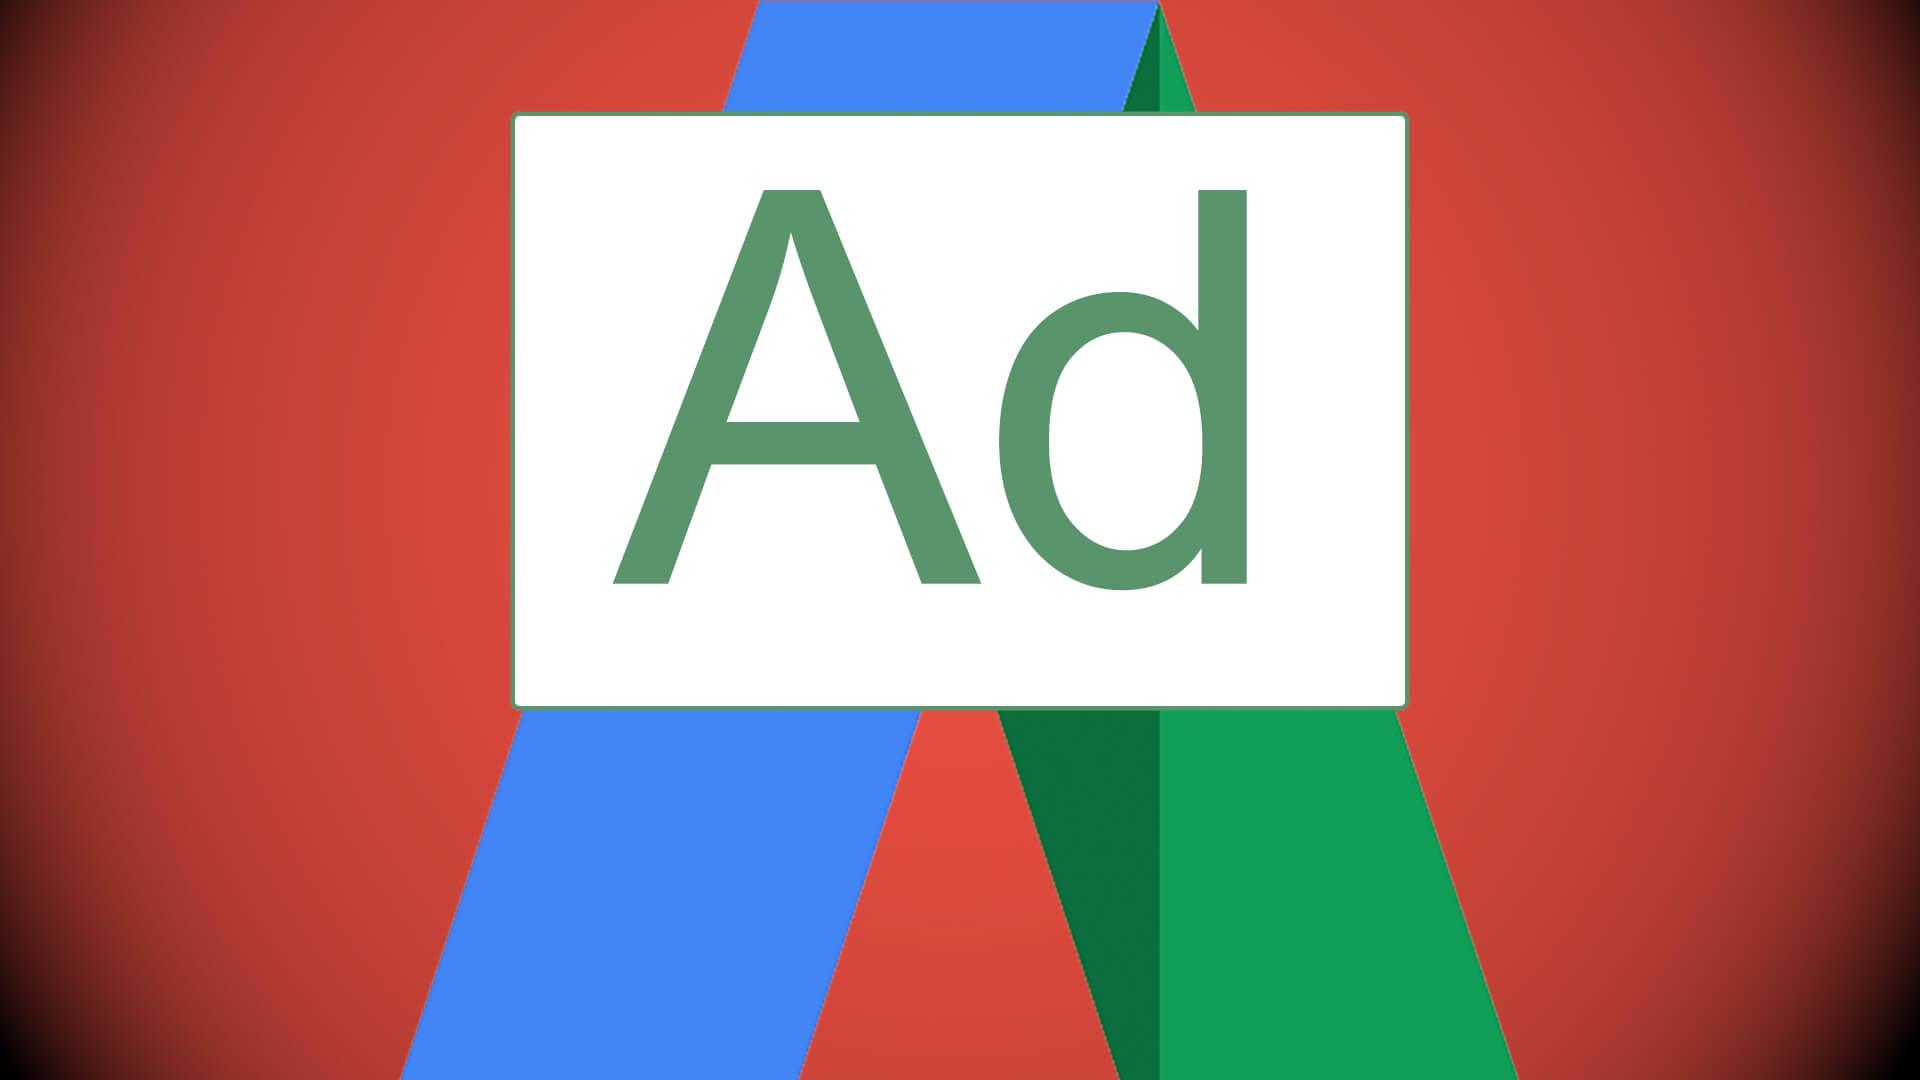 Ad là gì?